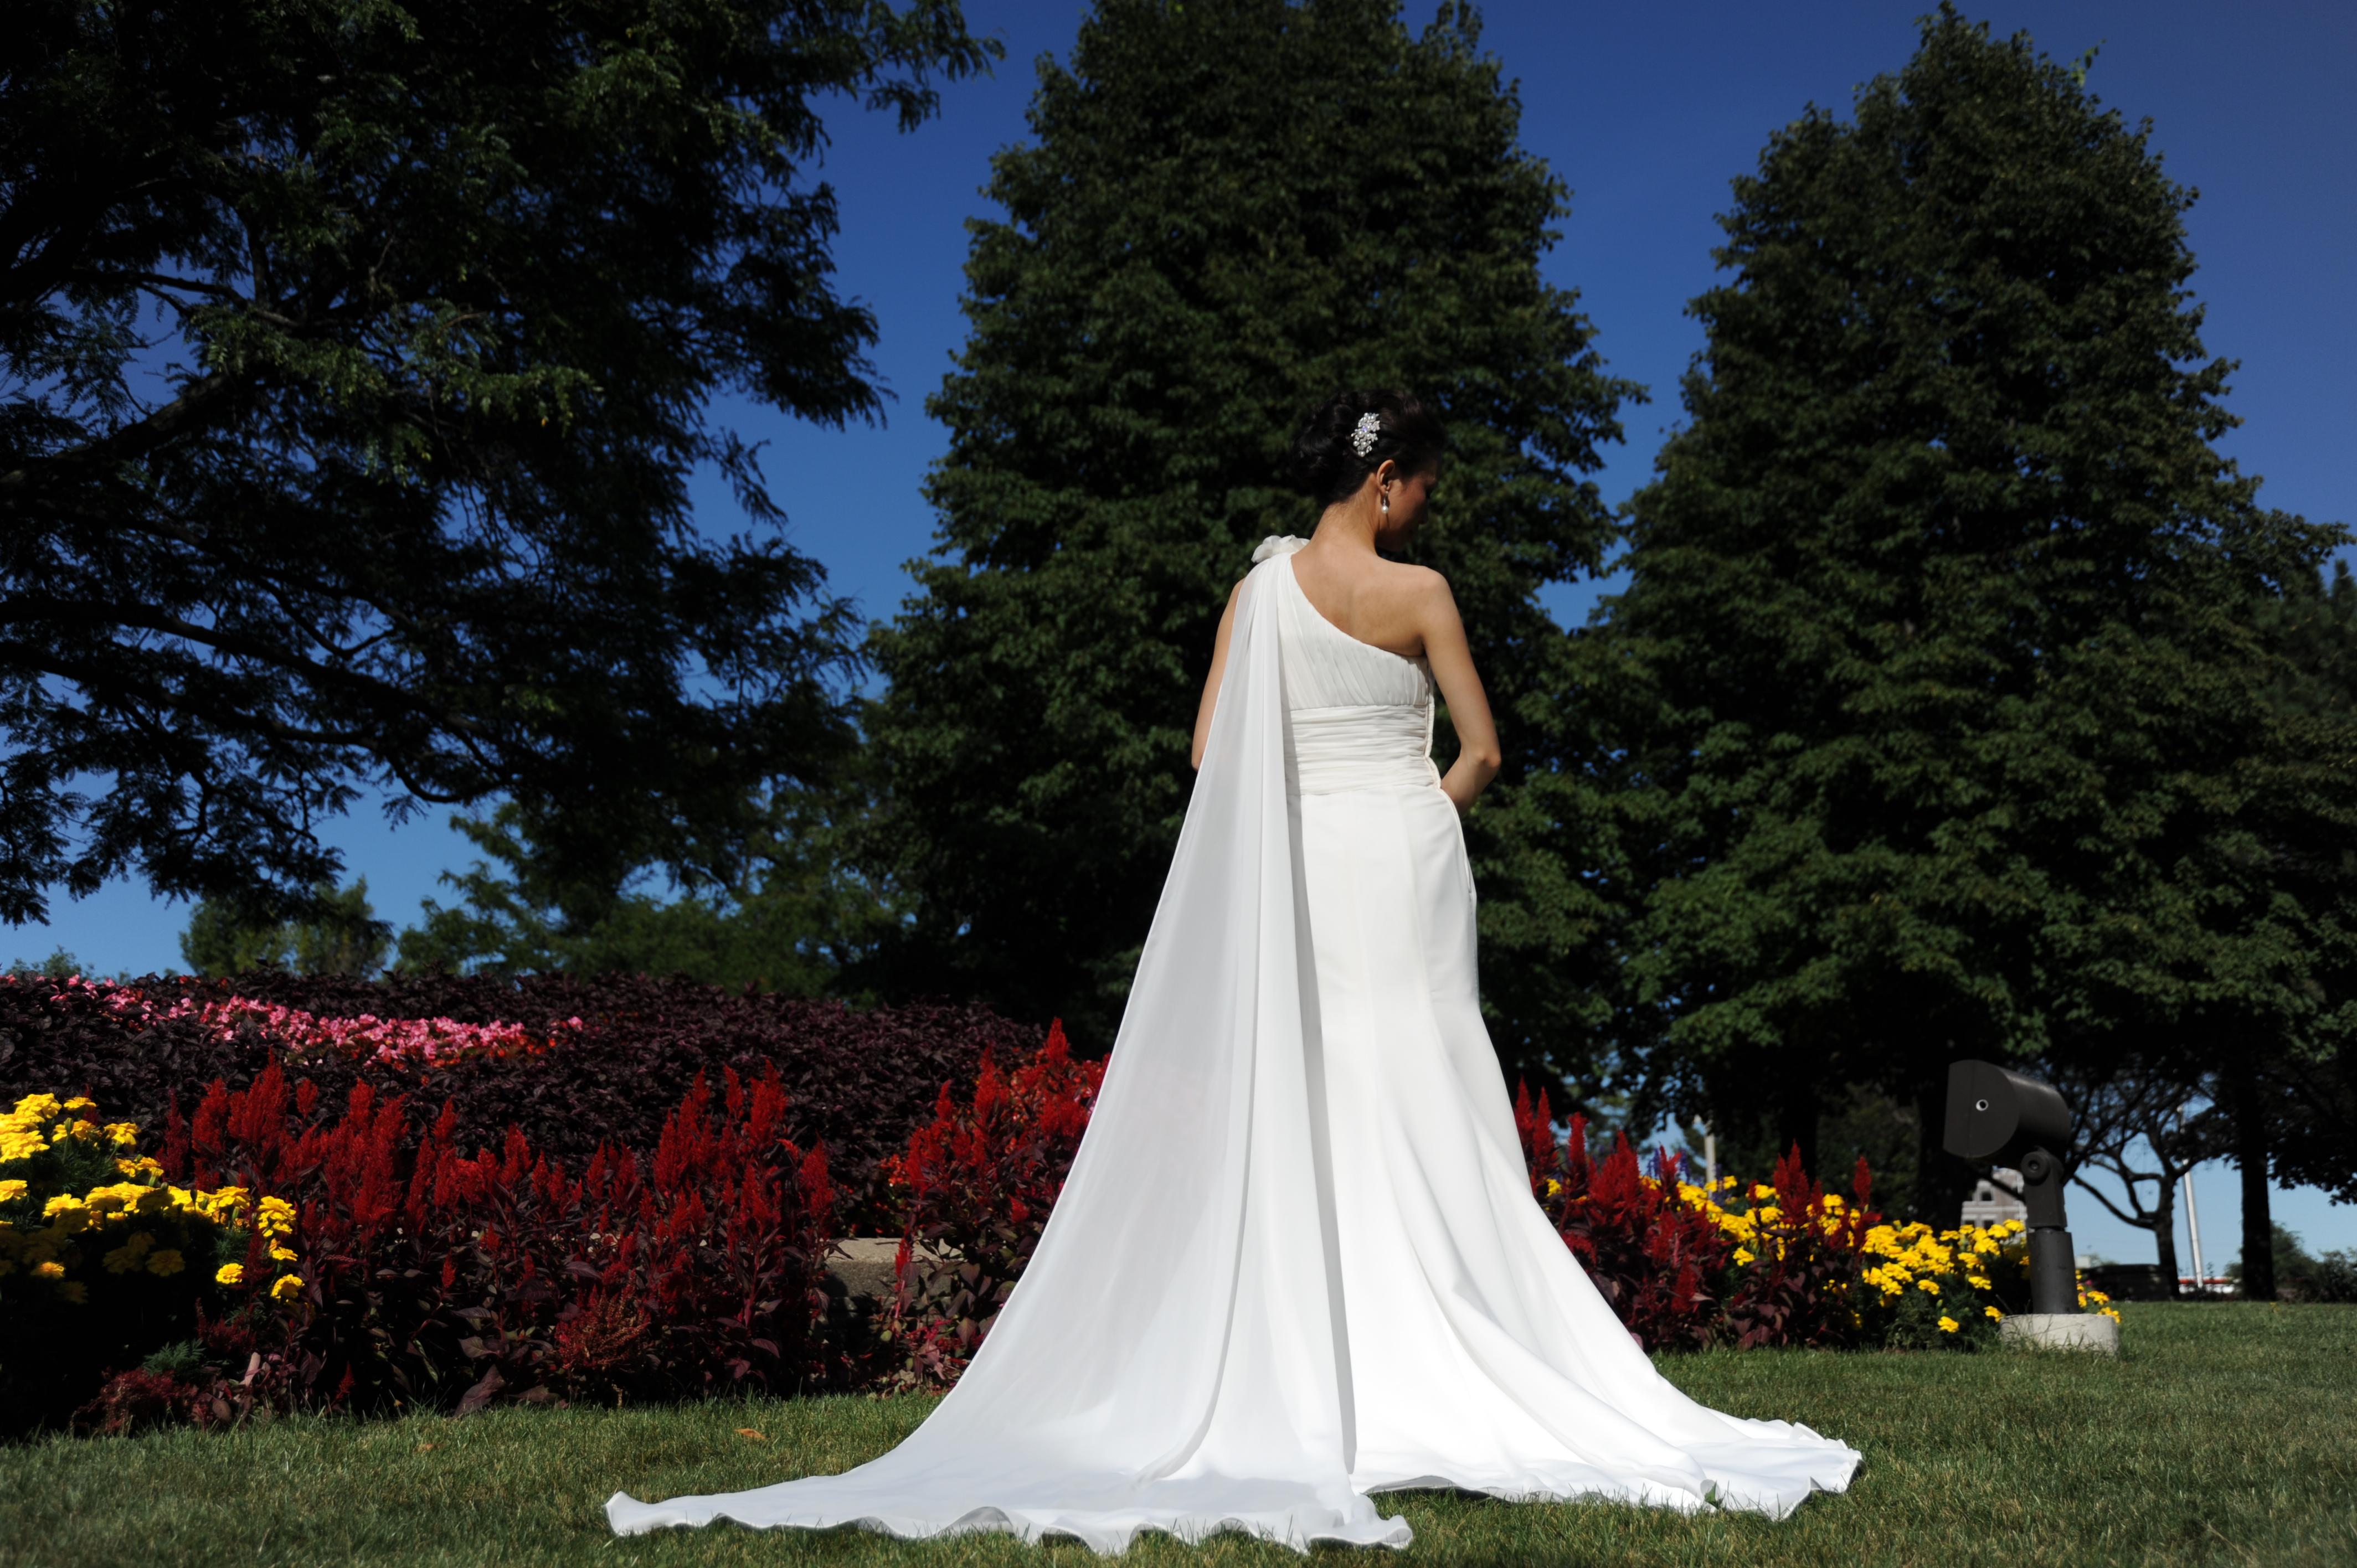 Modsynergy Com Review 255 Nikon D700 Fx 12 1mp Digital